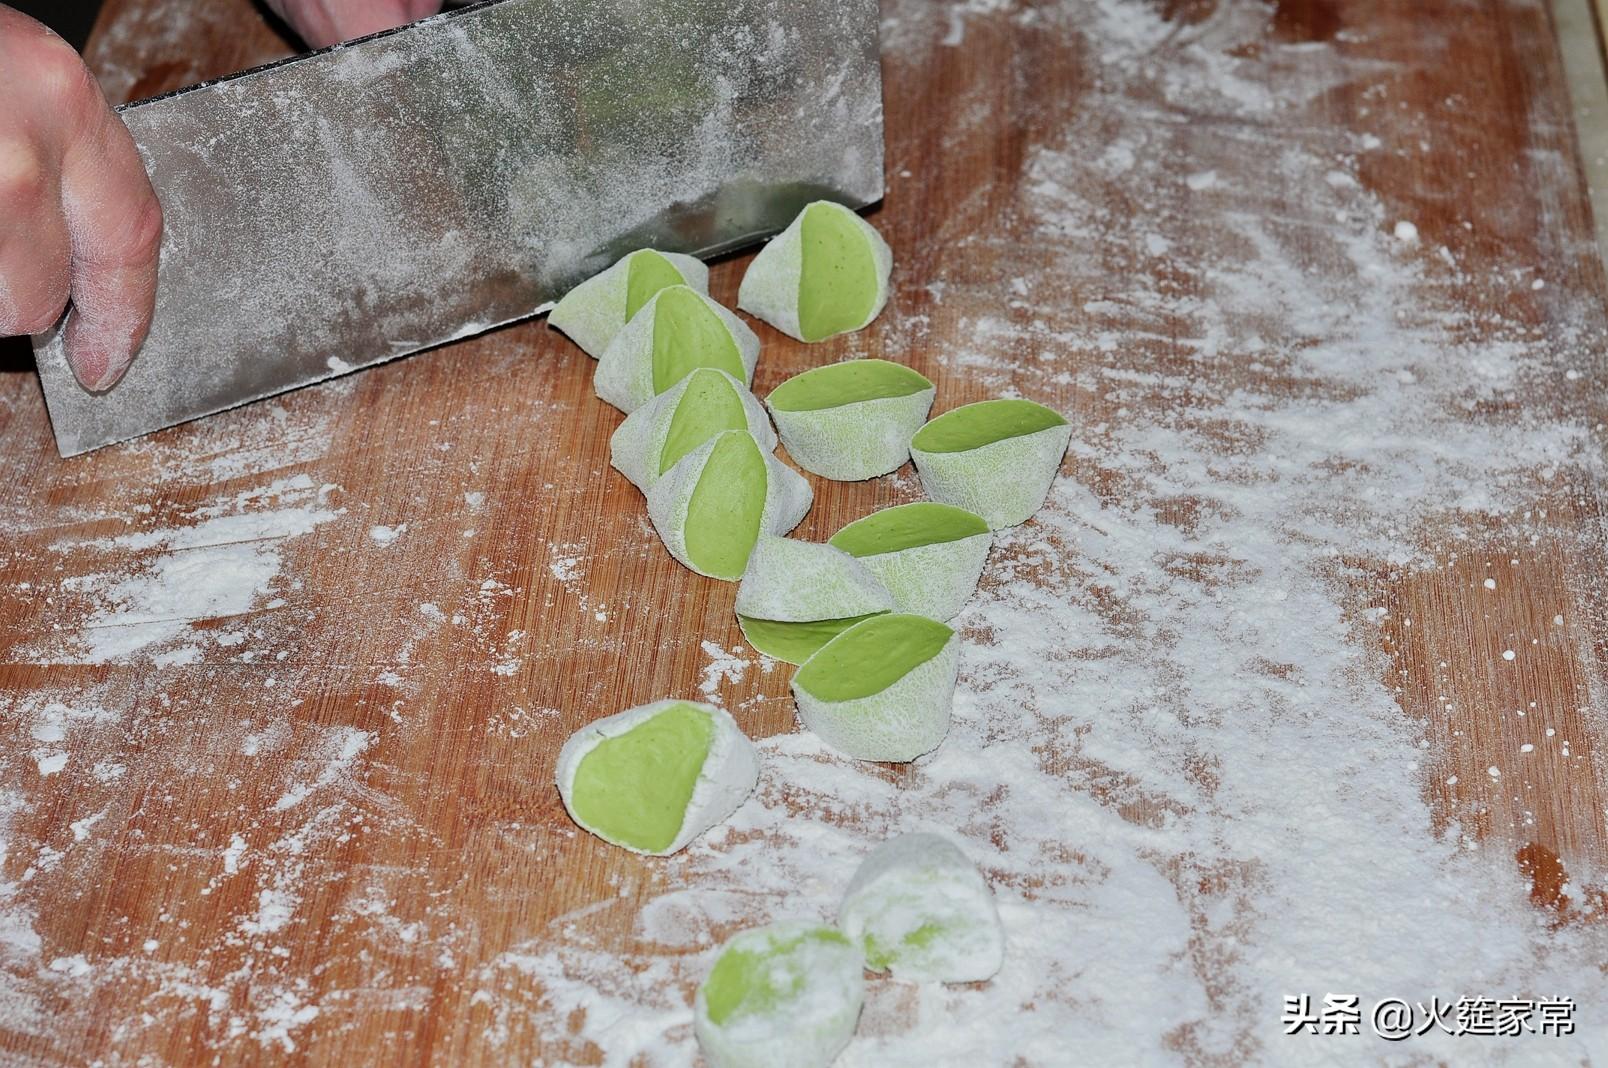 具有食疗作用的川味碧绿菠菜饺 食疗养生 第3张